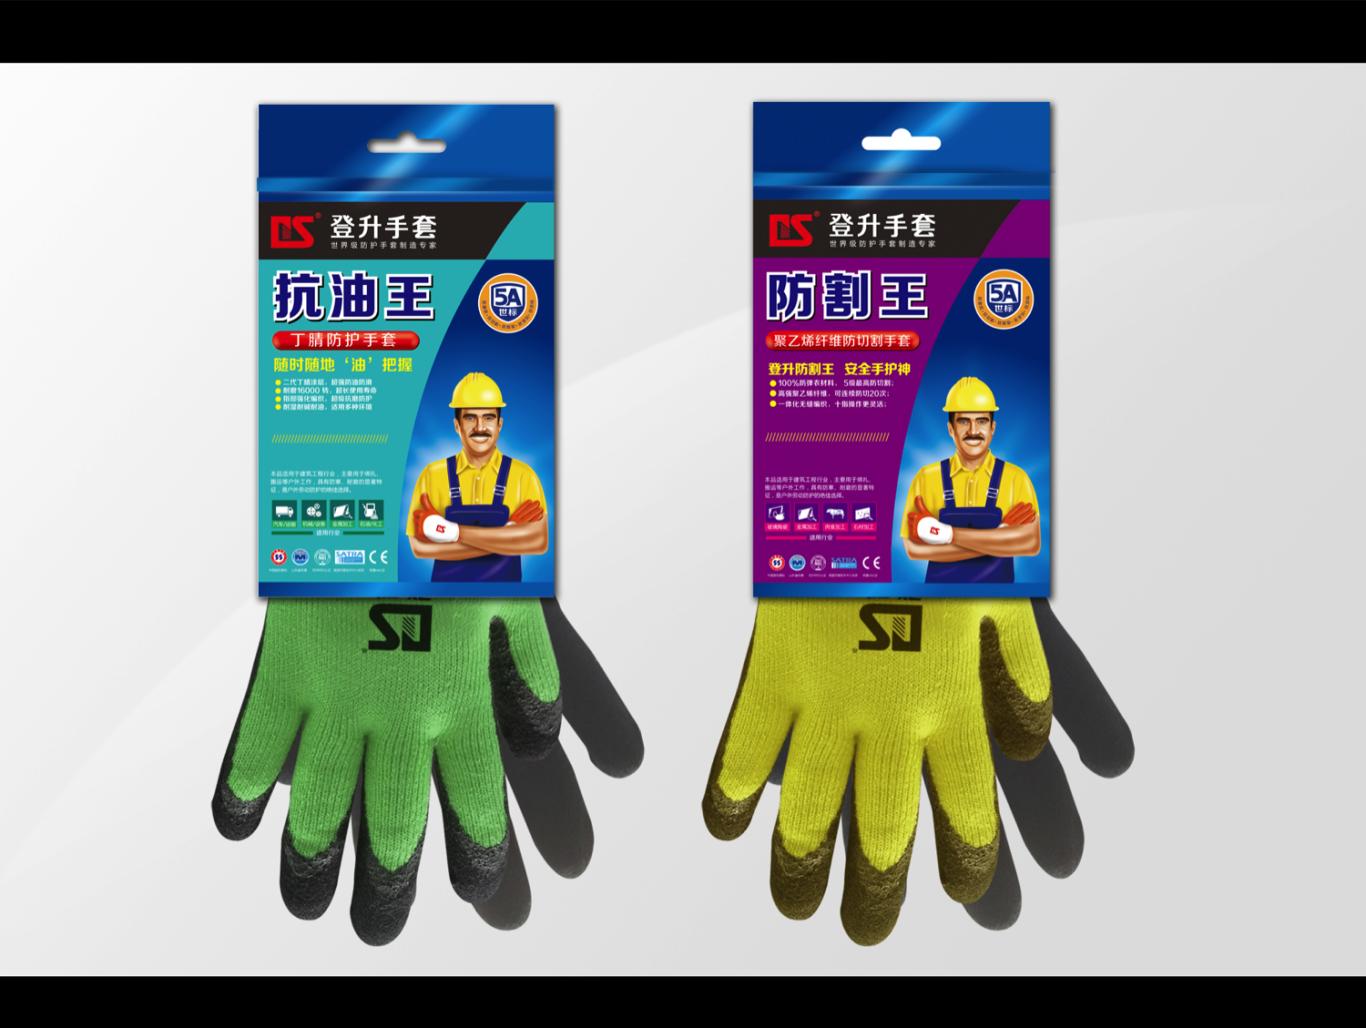 登升手套包装设计图1